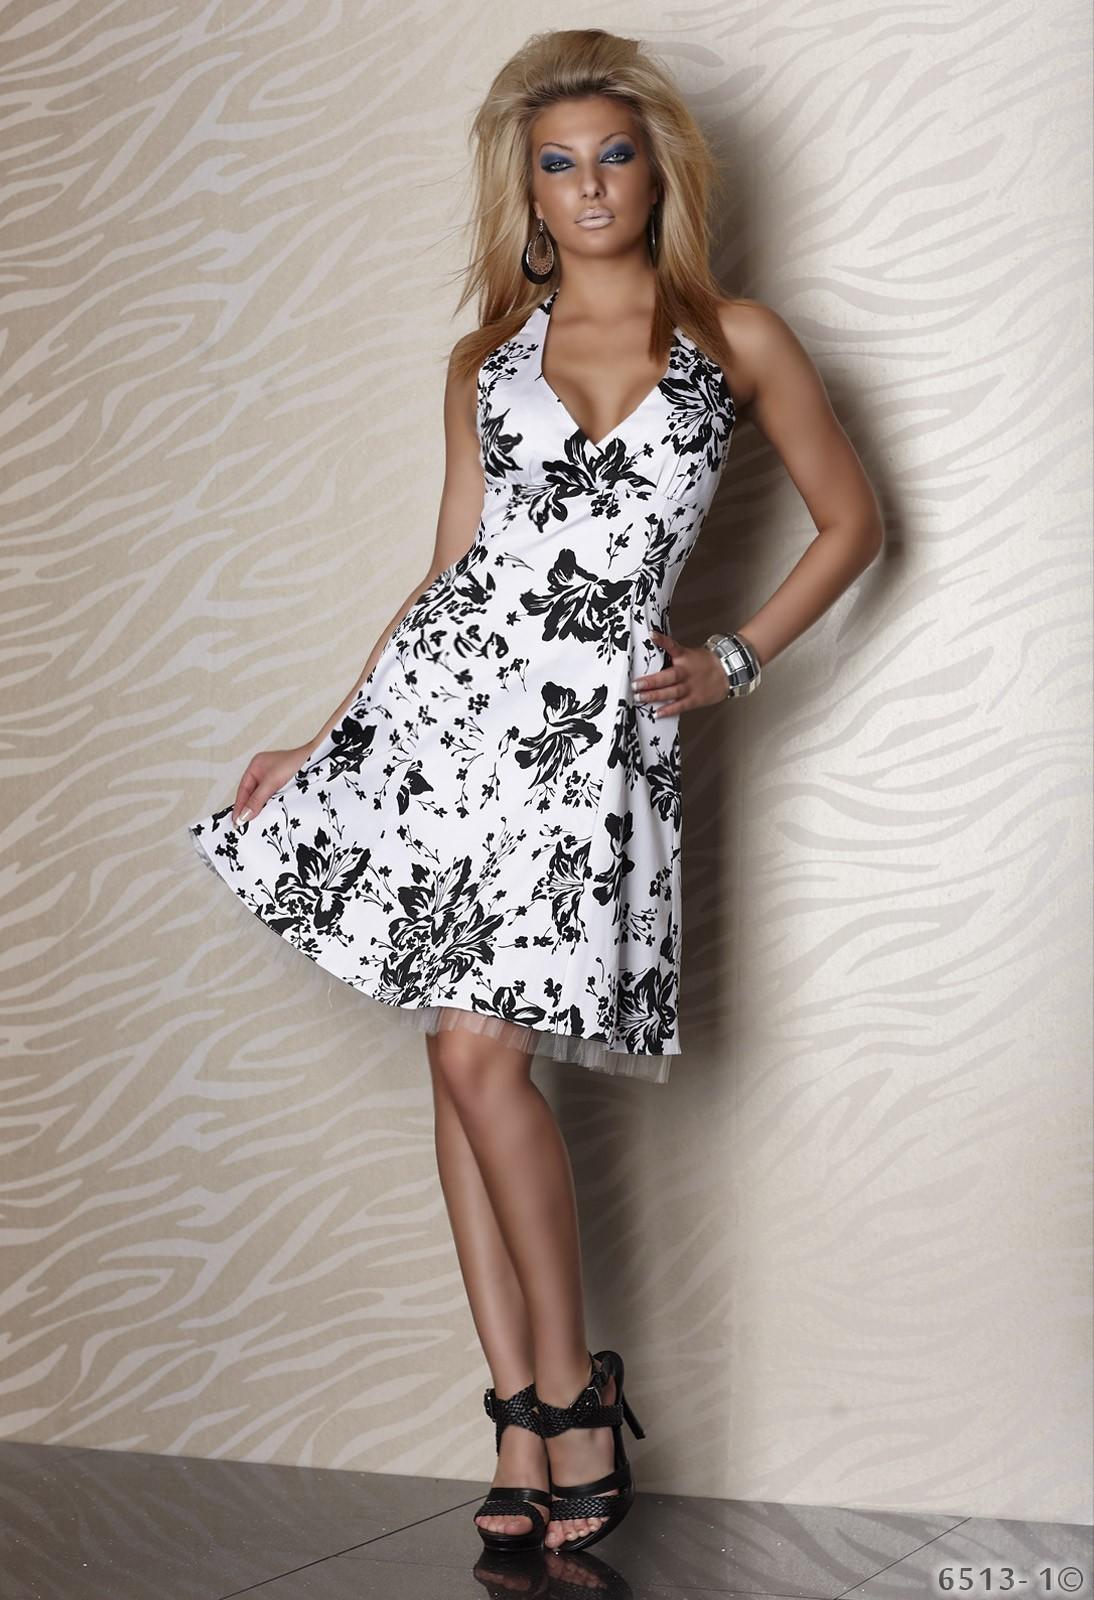 Petticoat Neck-Kleid mit Blumenmuster in weiß/schwarz